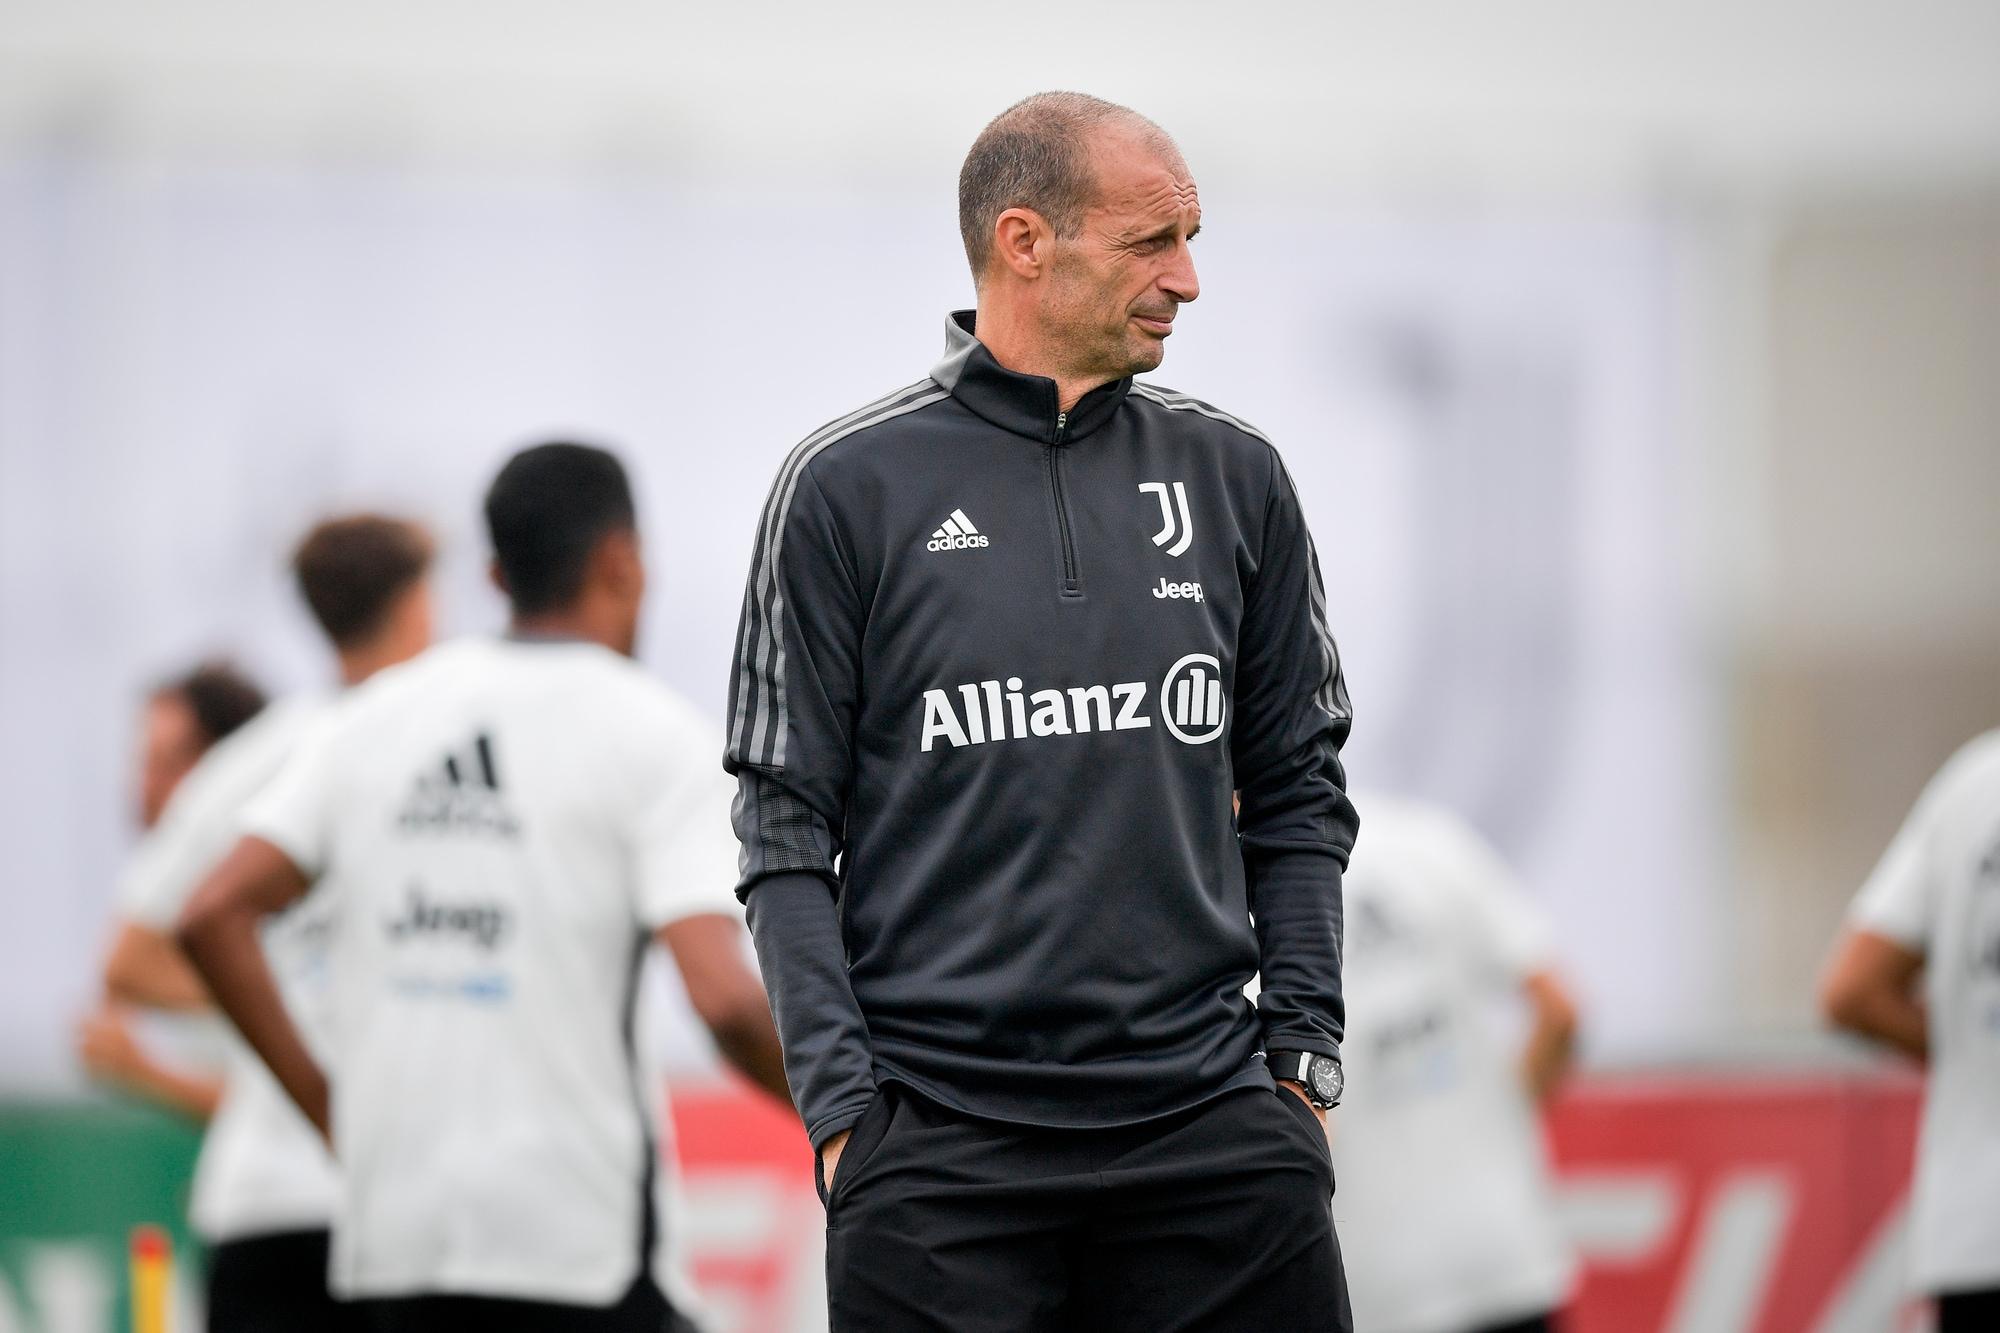 Juve-Milan, la probabile formazione: ecco i due assetti provati da Allegri